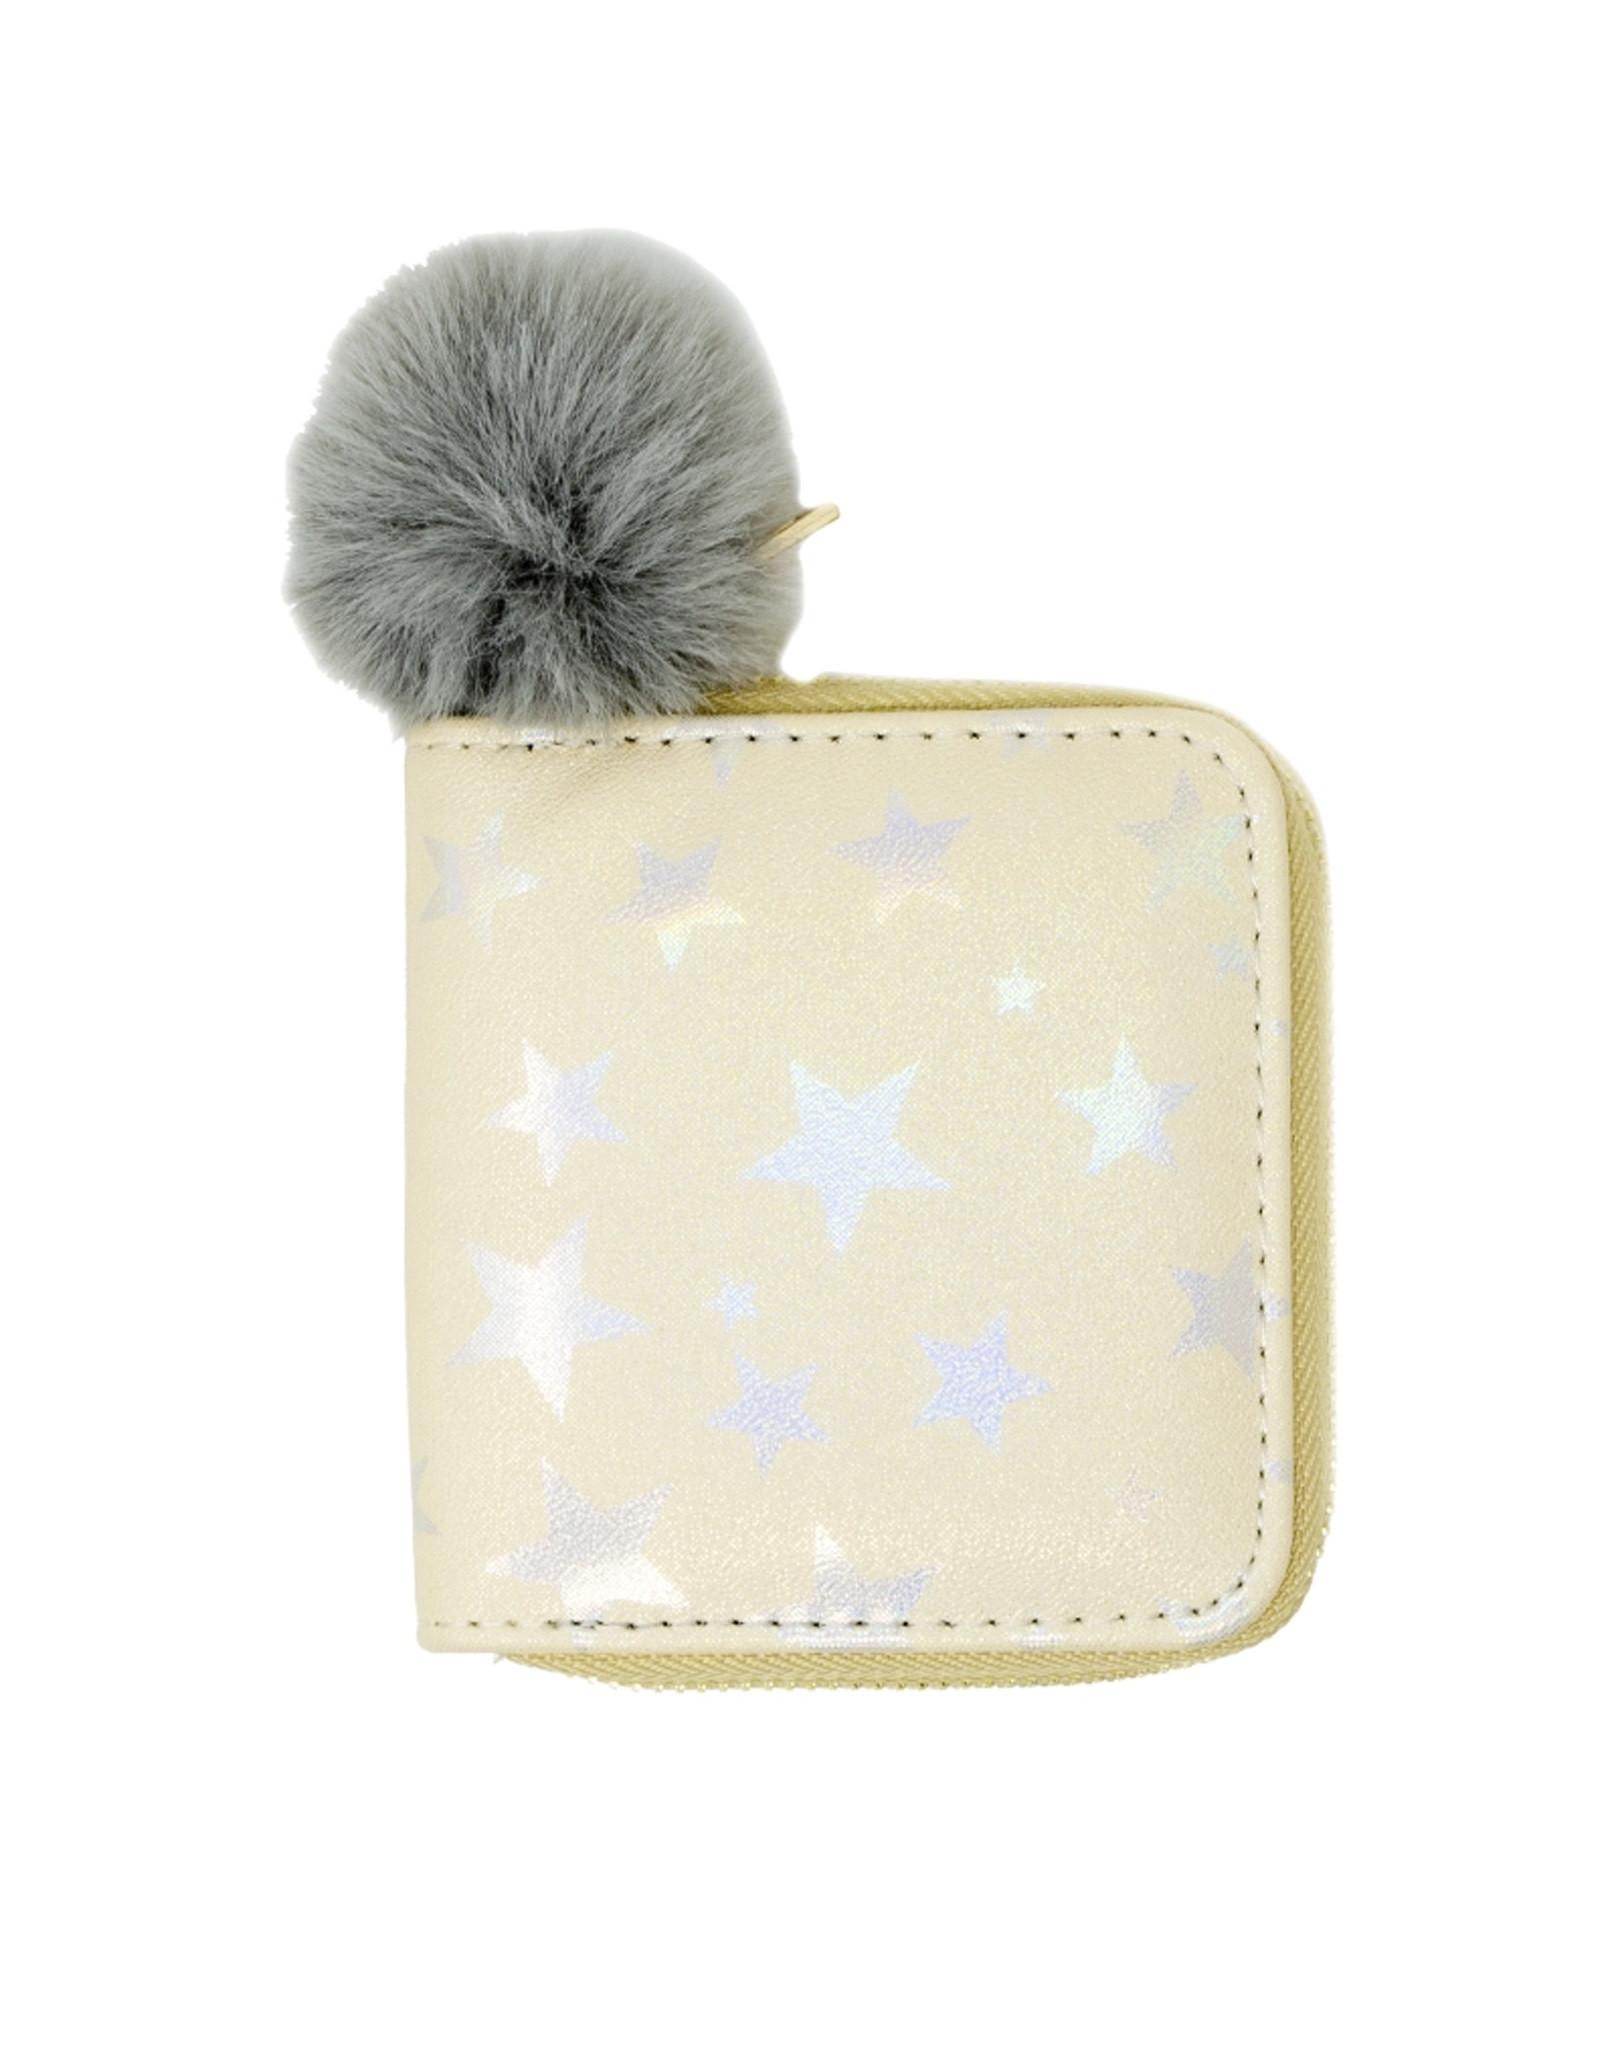 Tiny Treats & Zomi Gems Shiny Star Kids Wallet Gold